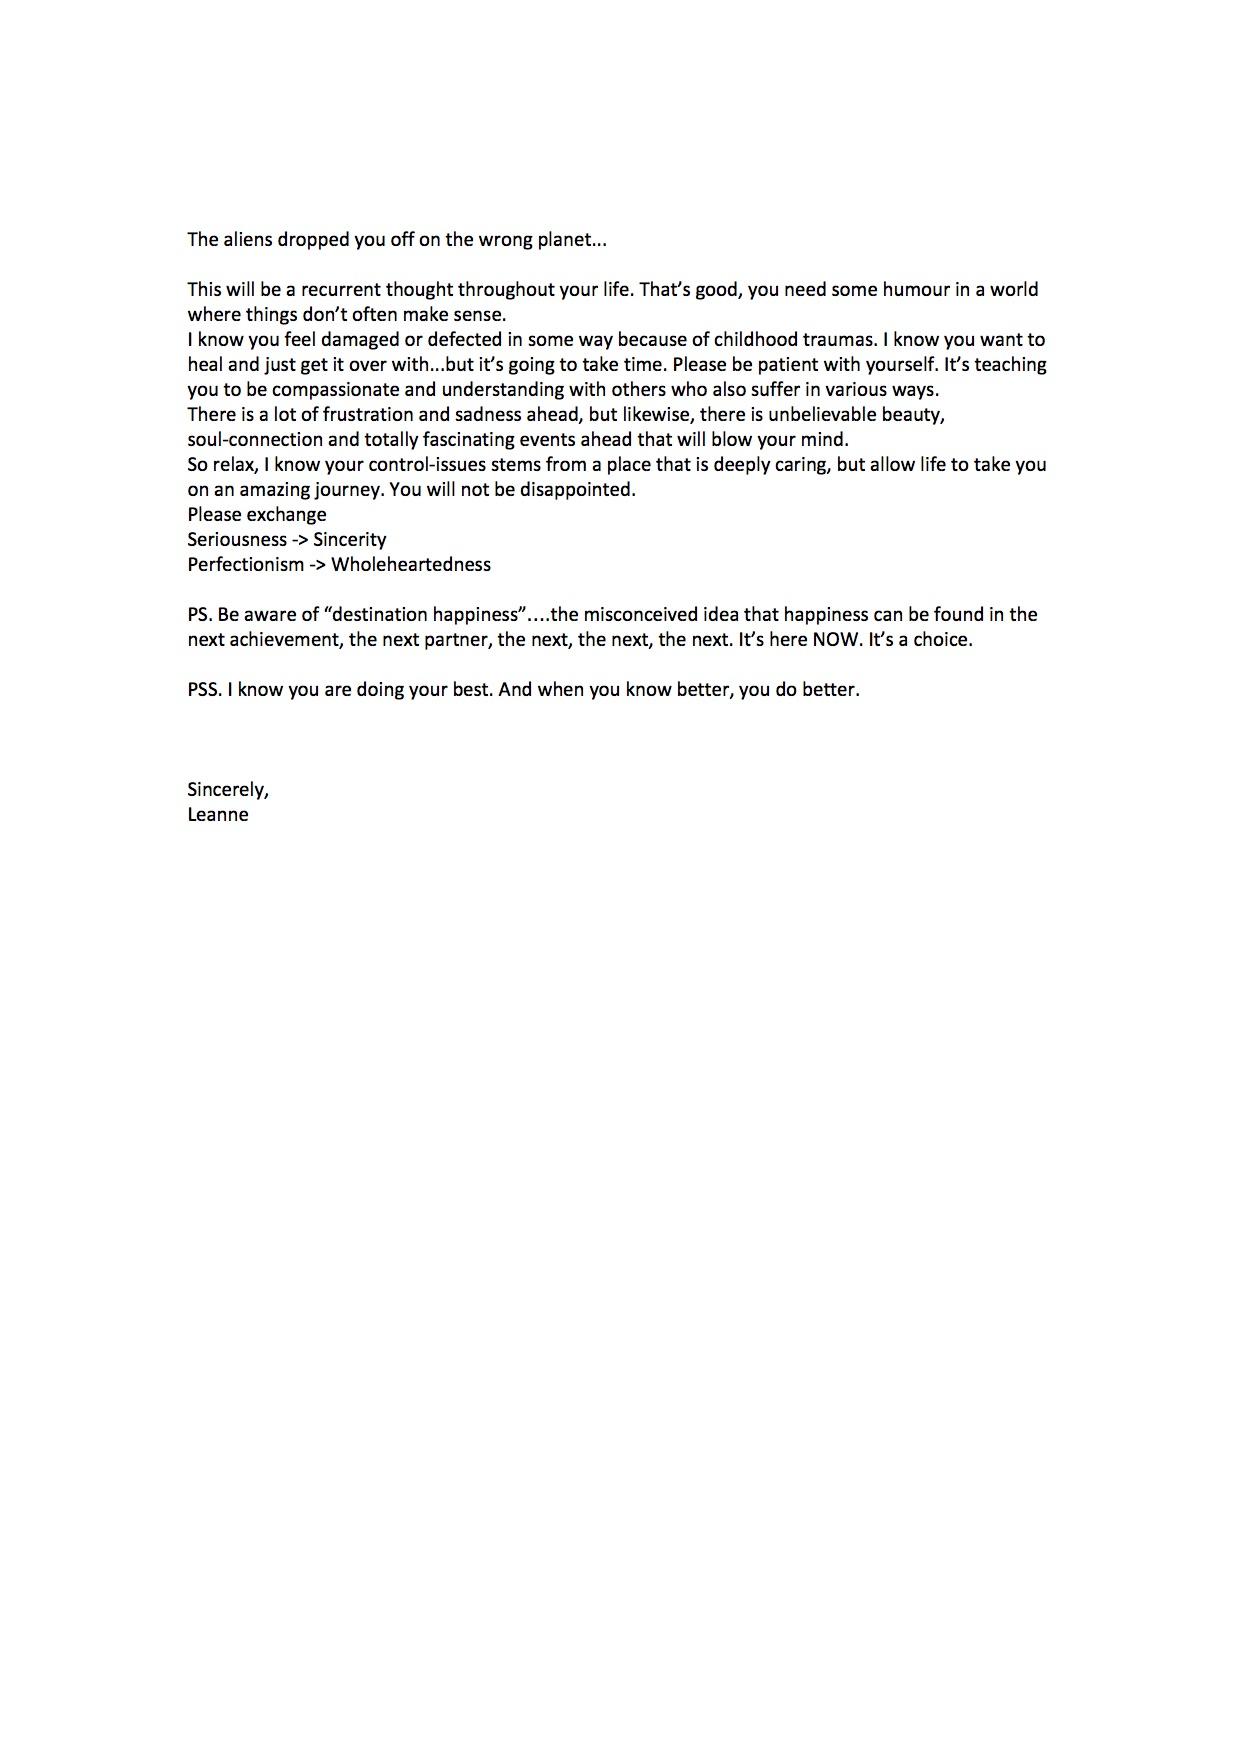 Leanne Olivier letter-2.jpg